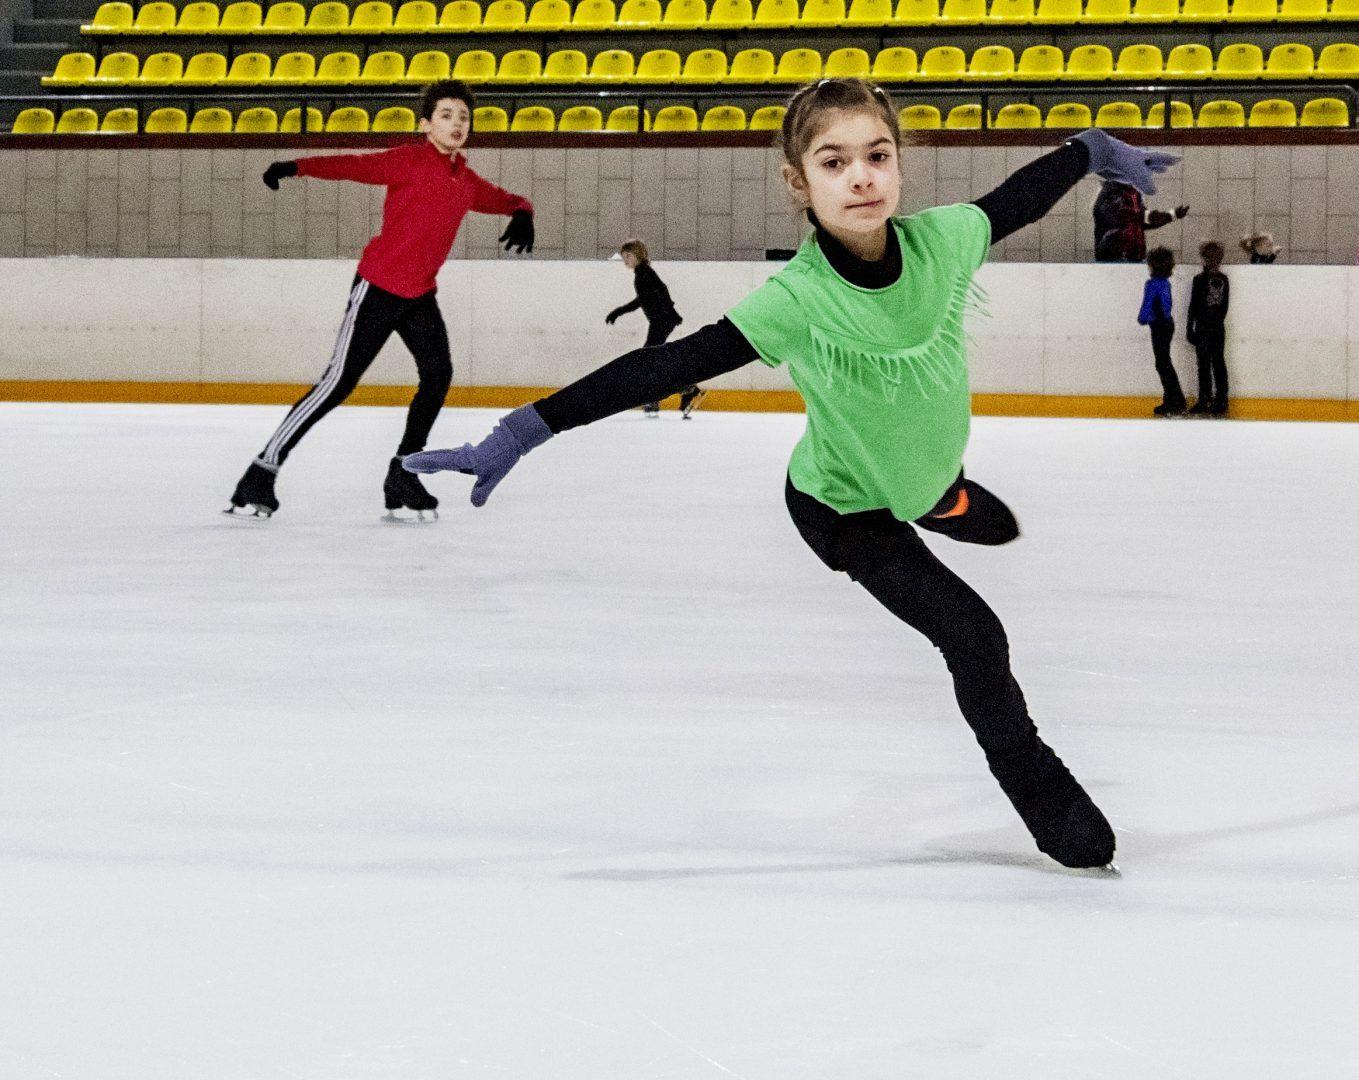 Фигуристы из Щербинки выступят на соревнованиях. Фото: «Вечерняя Москва»